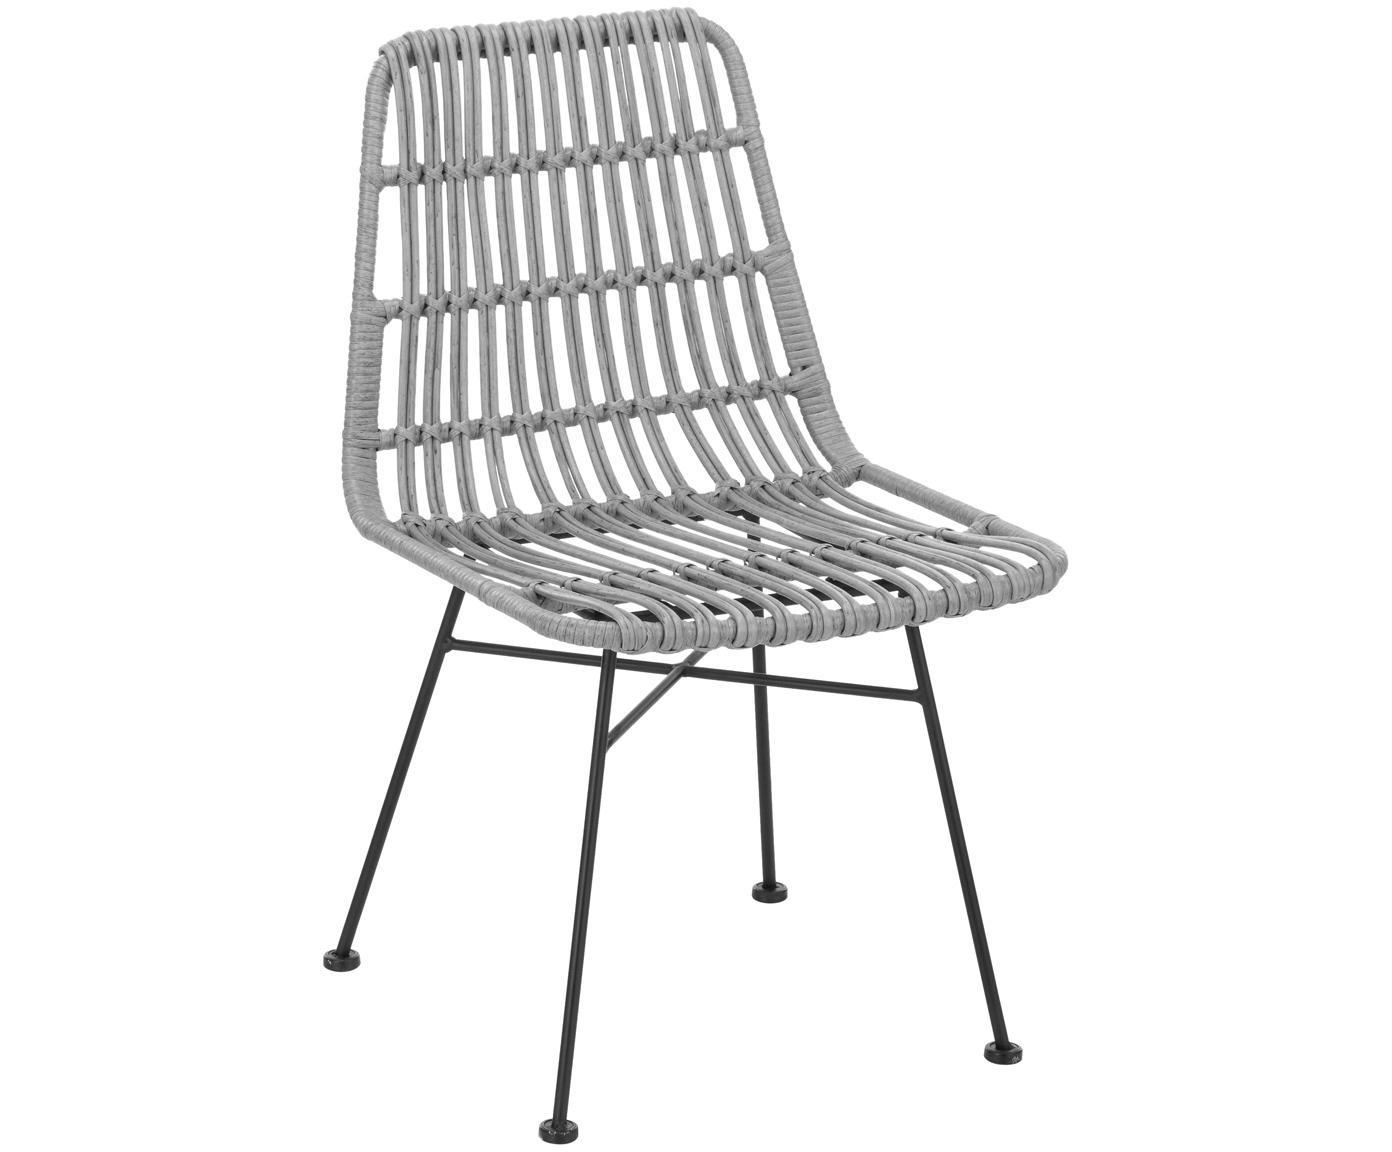 Polyrattan-Stühle Costa, 2 Stück, Sitzfläche: Polyethylen-Geflecht, Gestell: Metall, pulverbeschichtet, Grau, Beine Schwarz, B 47 x T 61 cm